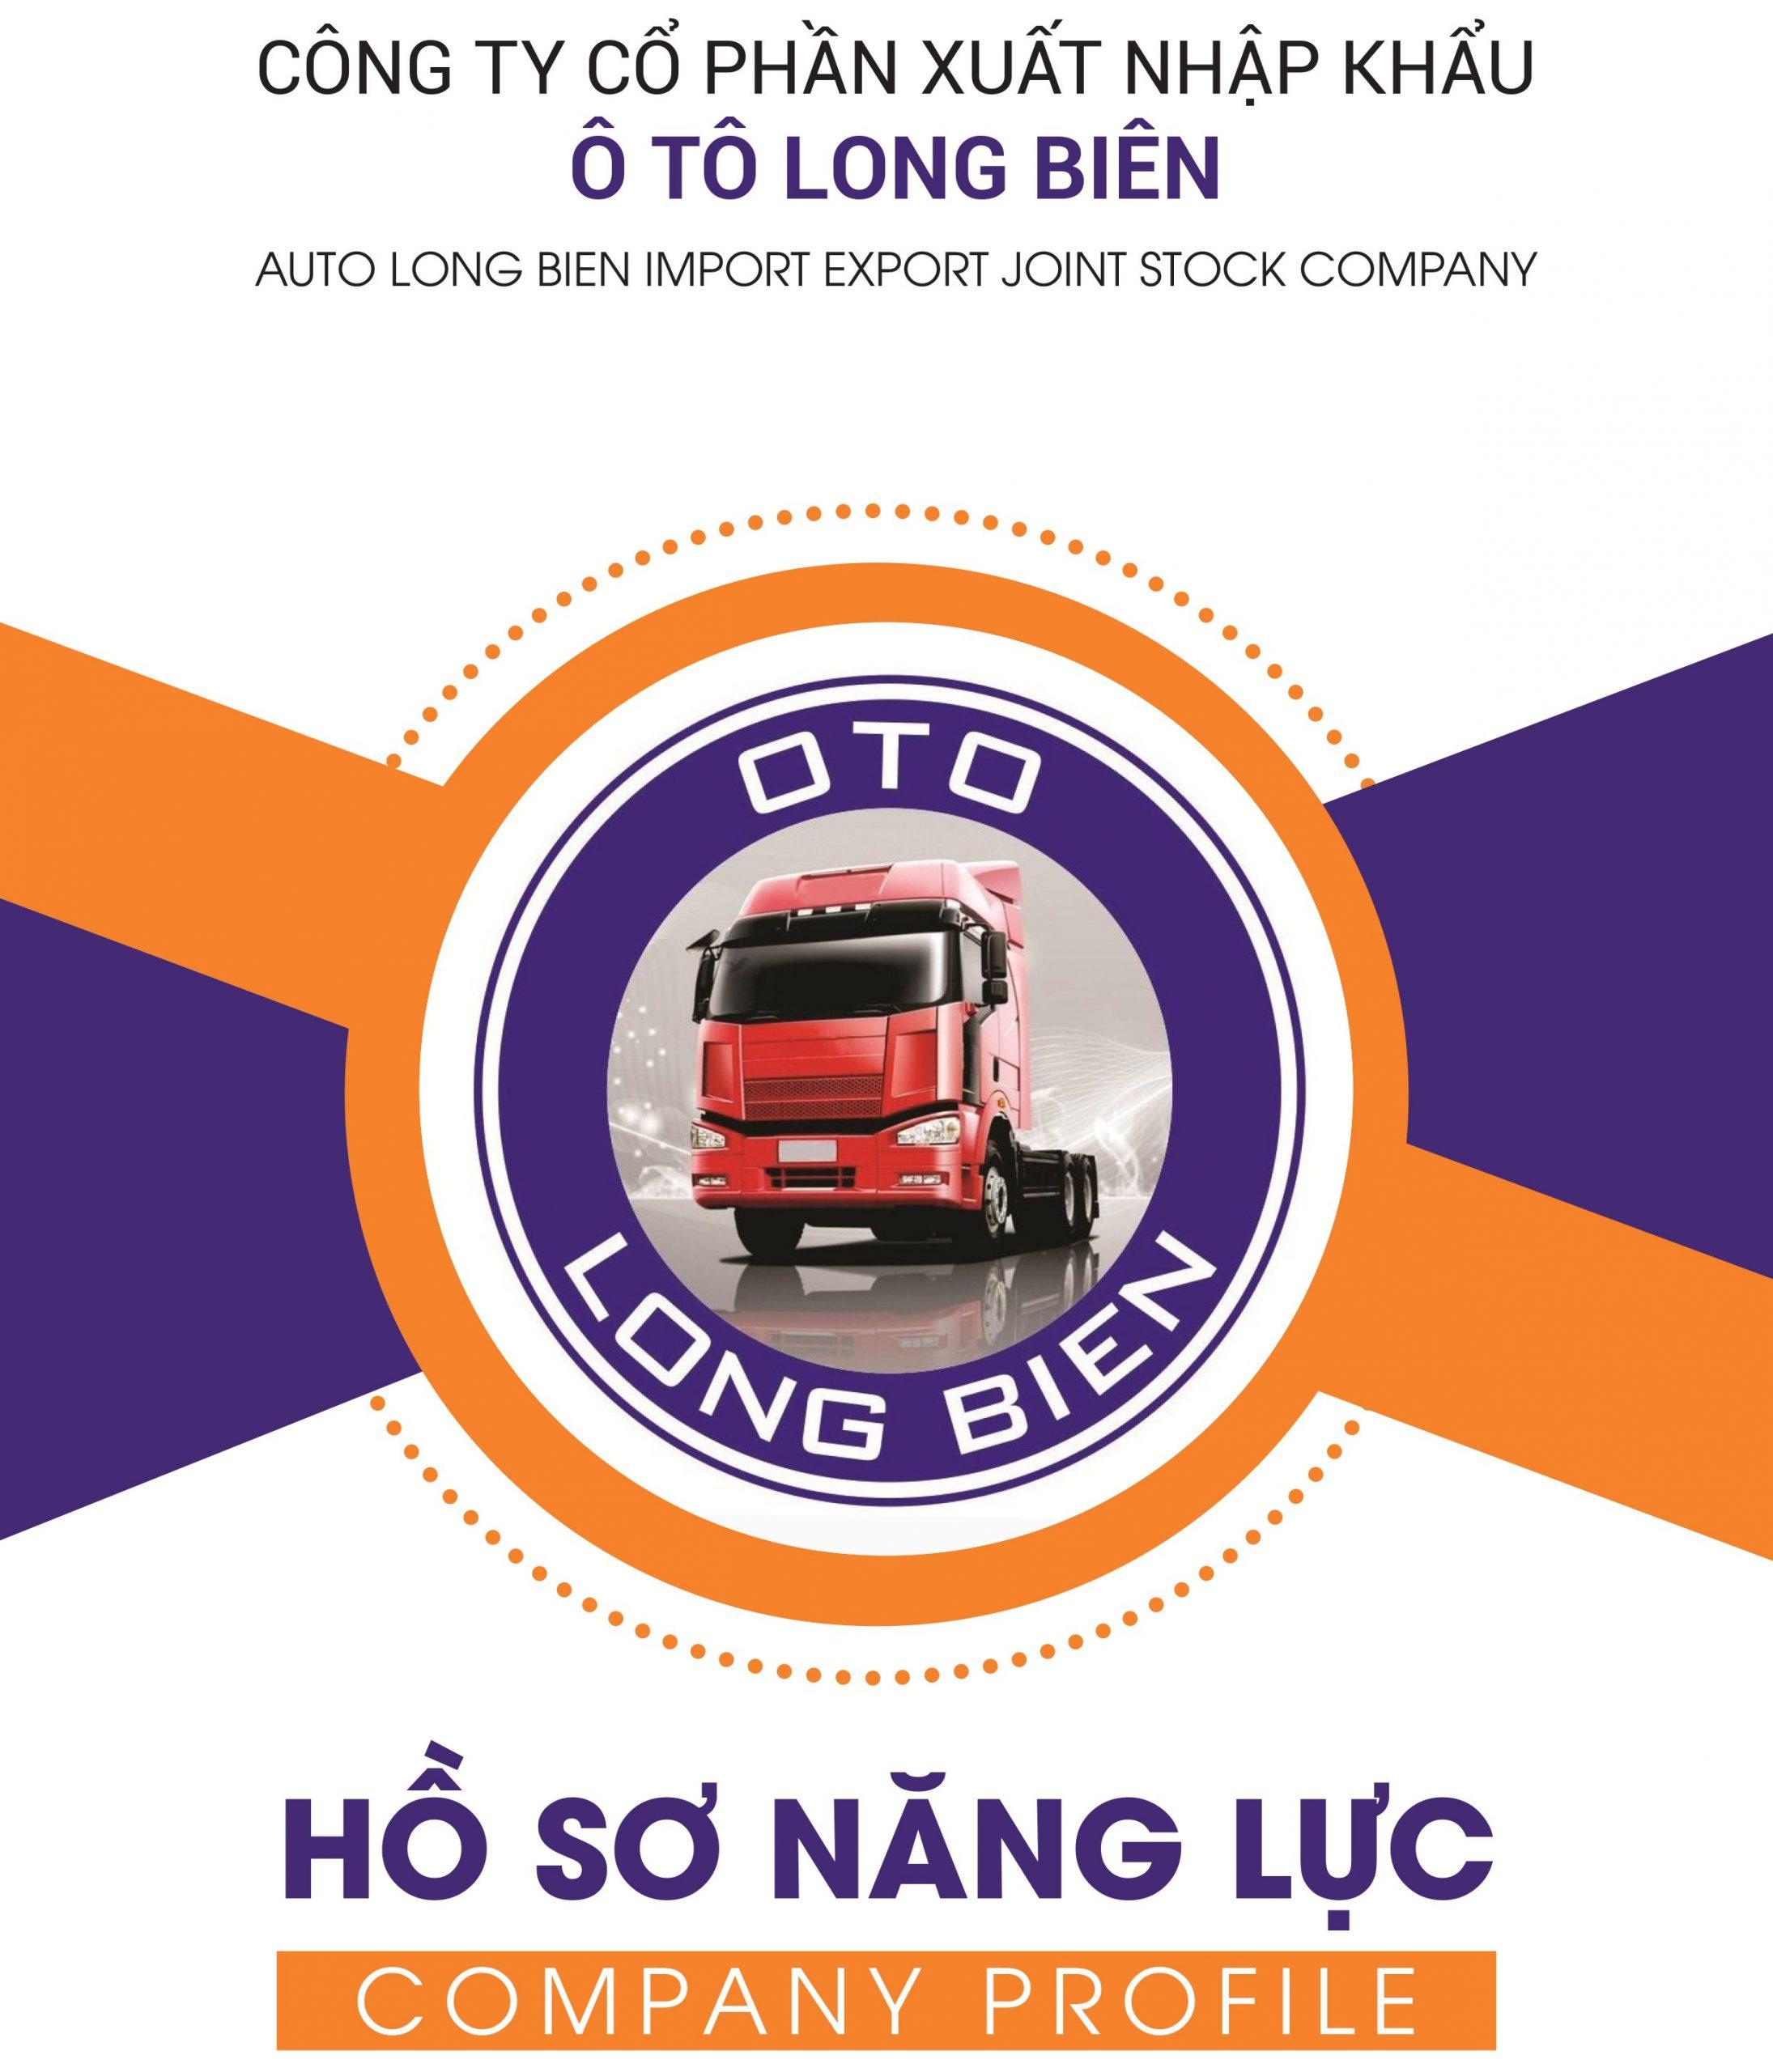 ho-so-nang-luc-long-bien-auto (1)